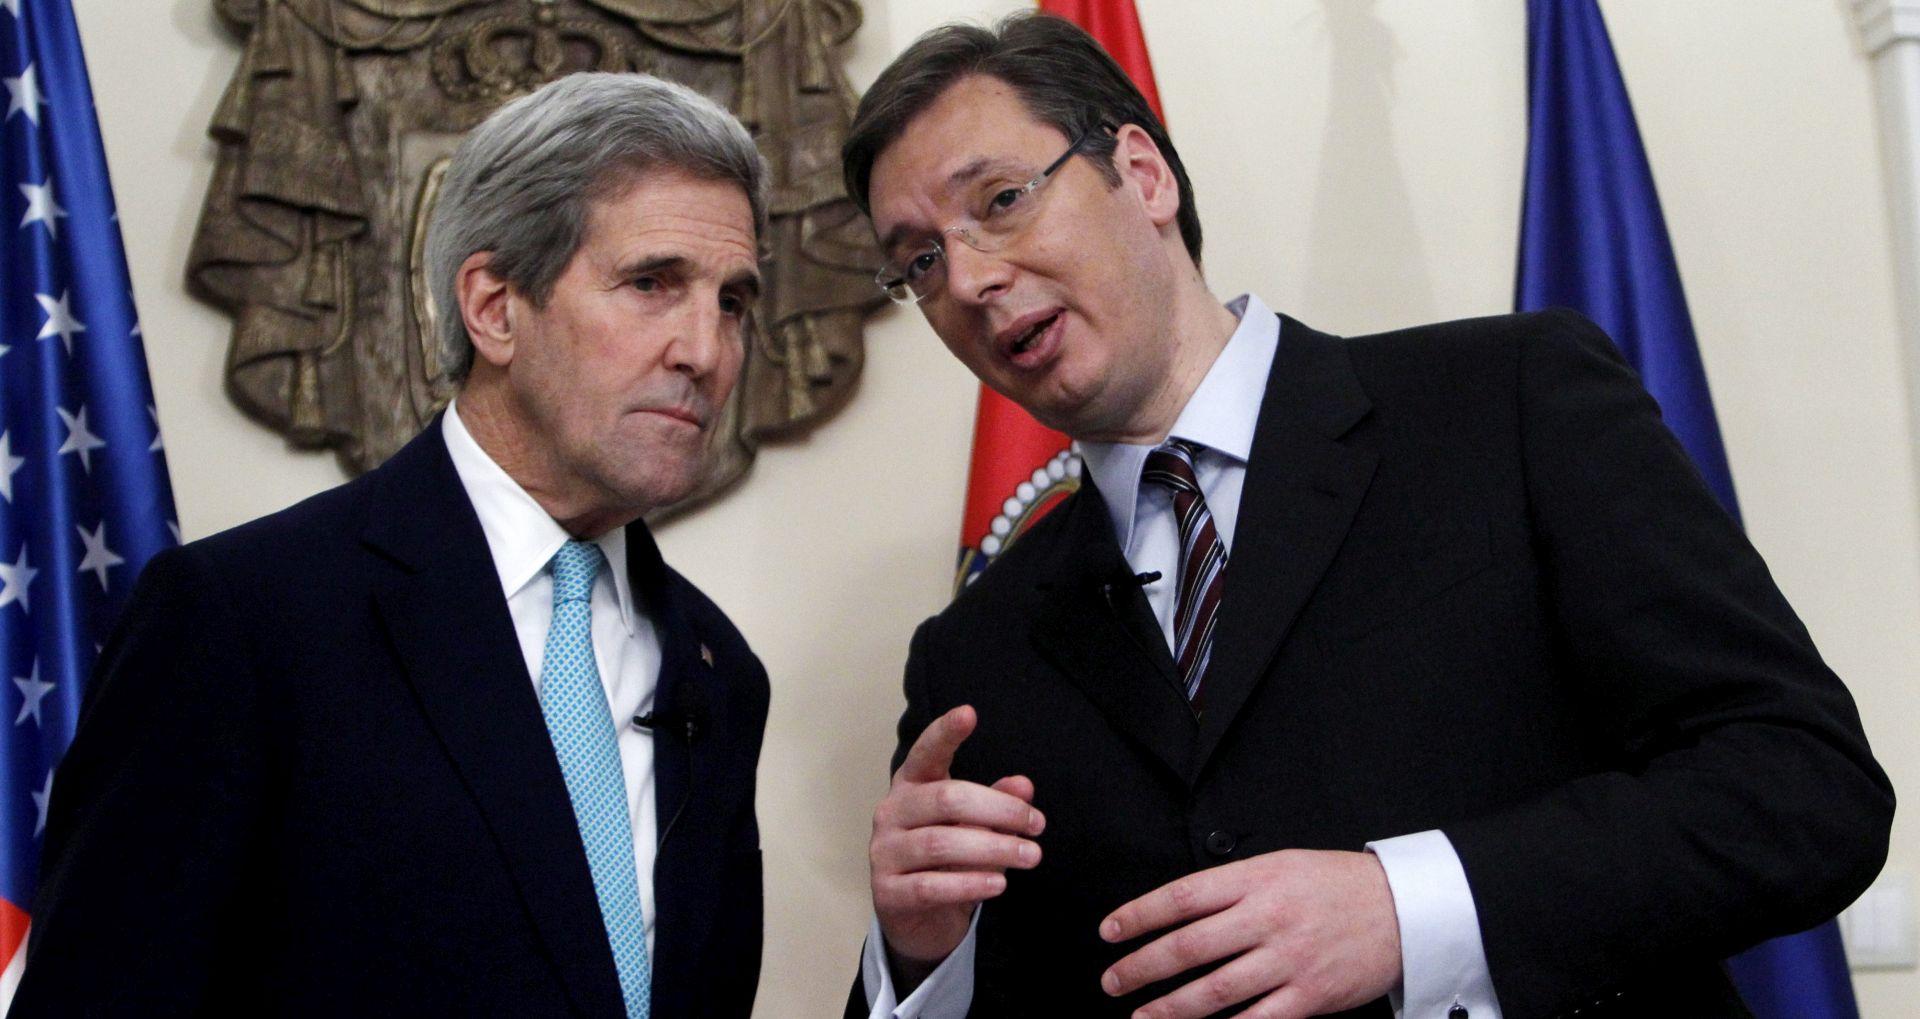 PROCES EUROINTEGRACIJE: Kerry kaže kako Srbija ima punu potporu SAD na europskom putu